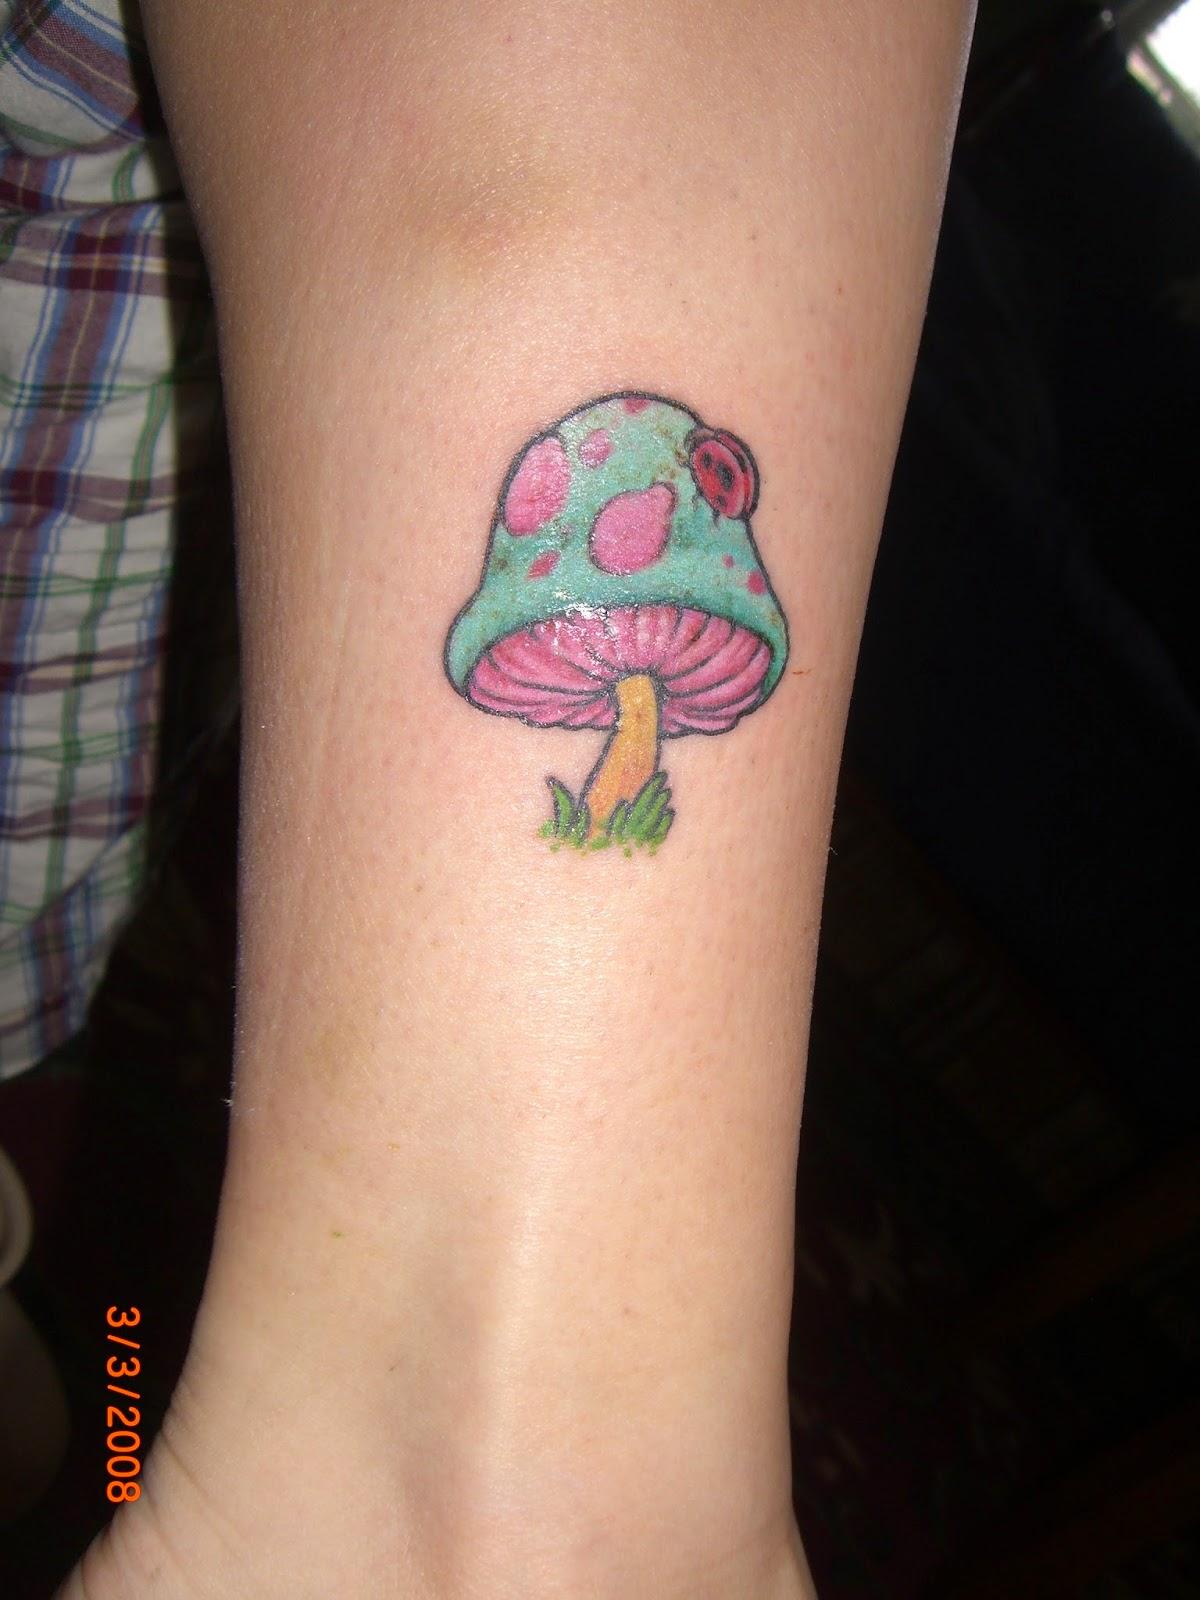 d19914de0 Color Ink Simple Mushroom Tattoo On Arm